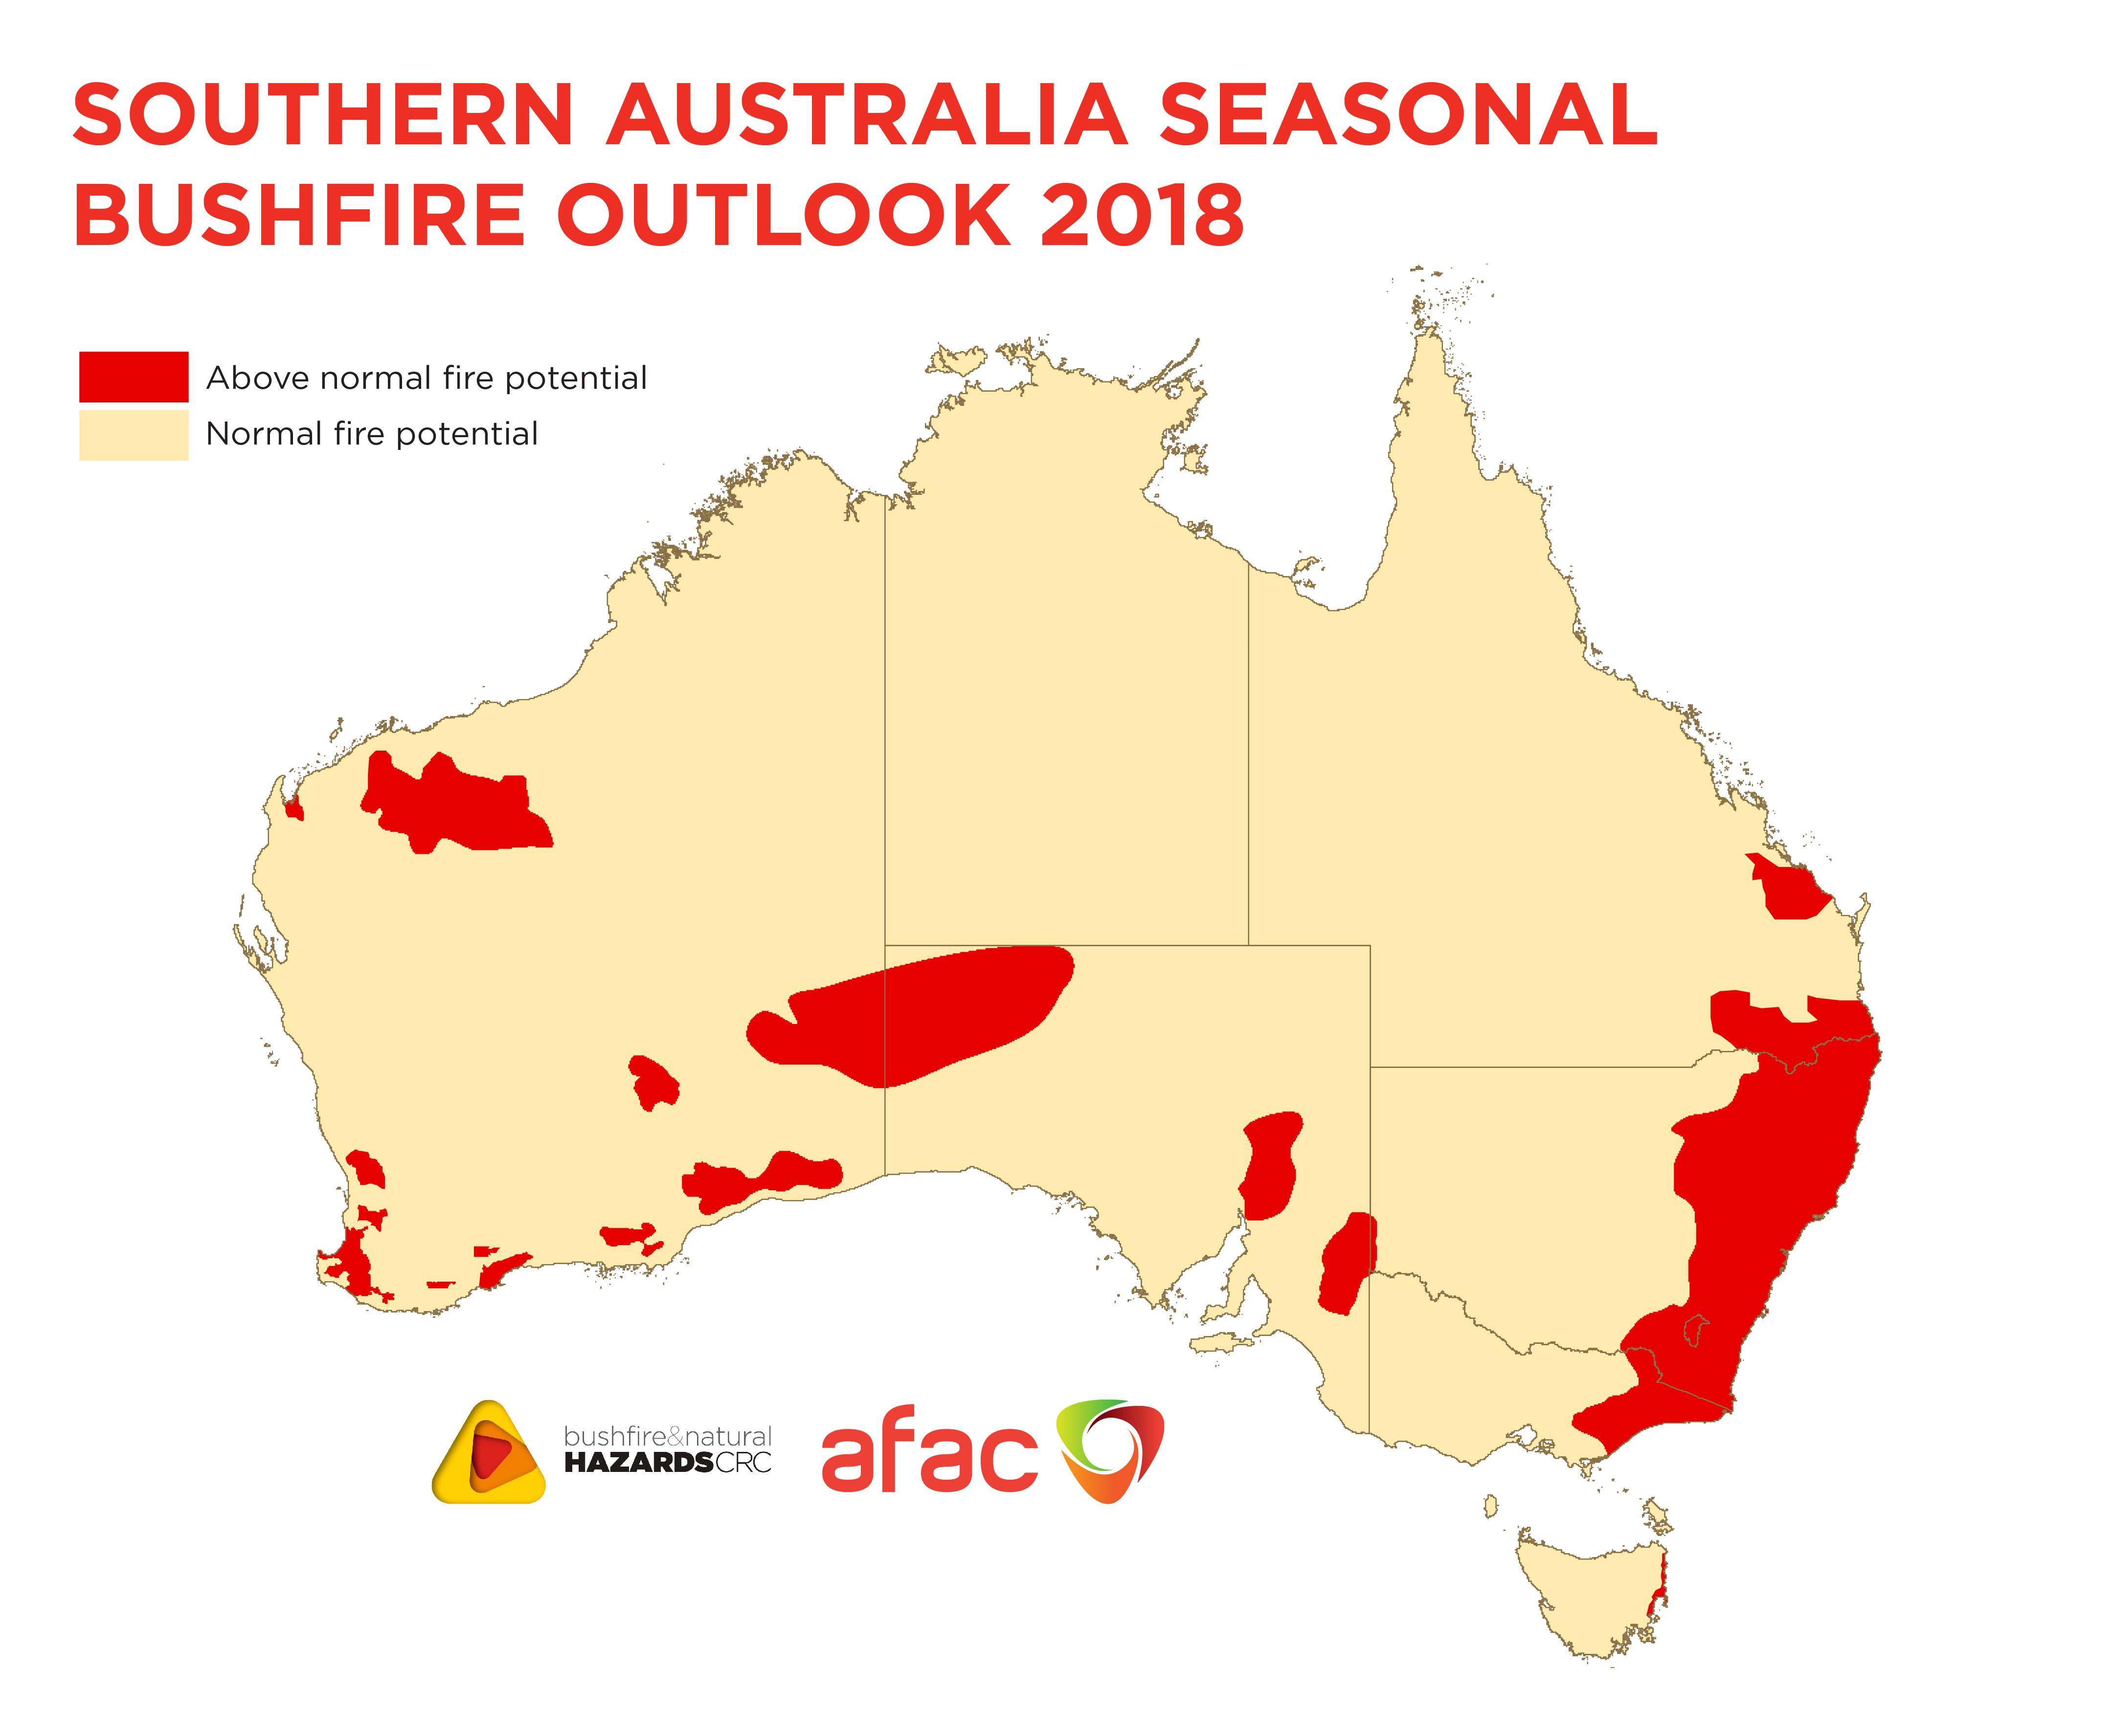 Southern Australia Seasonal Bushfire Outlook 2018